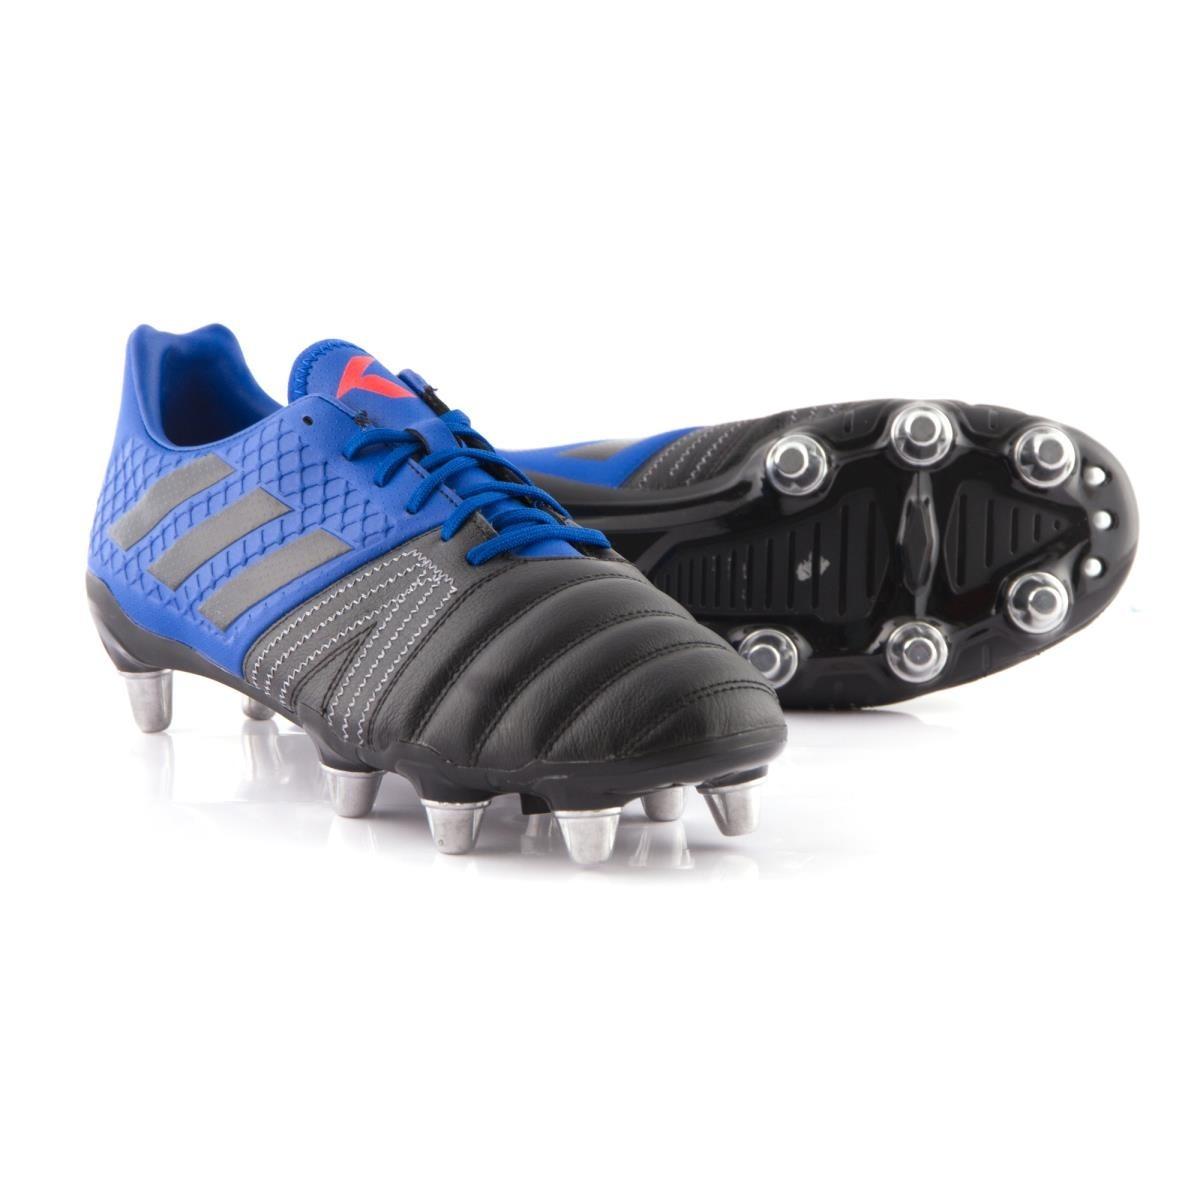 sombras de auténtico auténtico estilo máximo Botines adidas Rugby Kakari Talle Uk 14 Tapones Aluminio